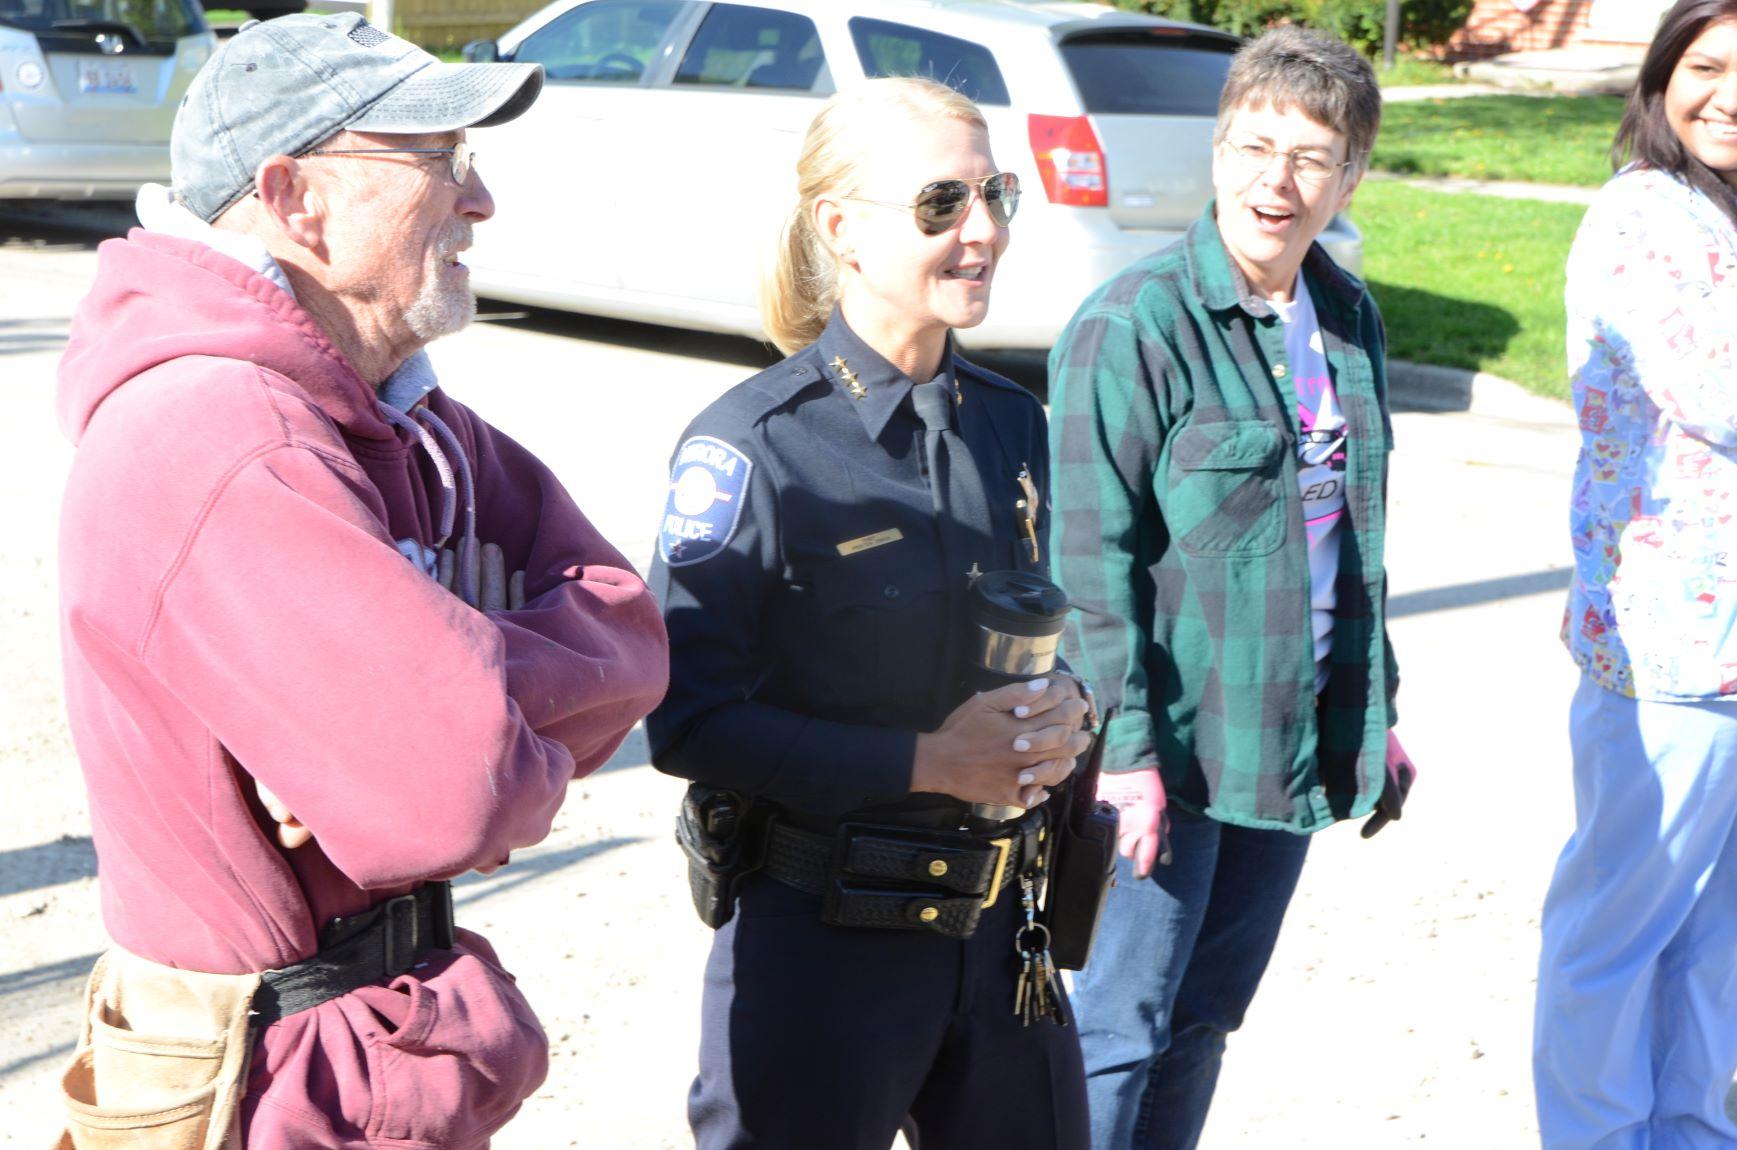 Aurora Police Chief Kristen Ziman, at Women Build May 10